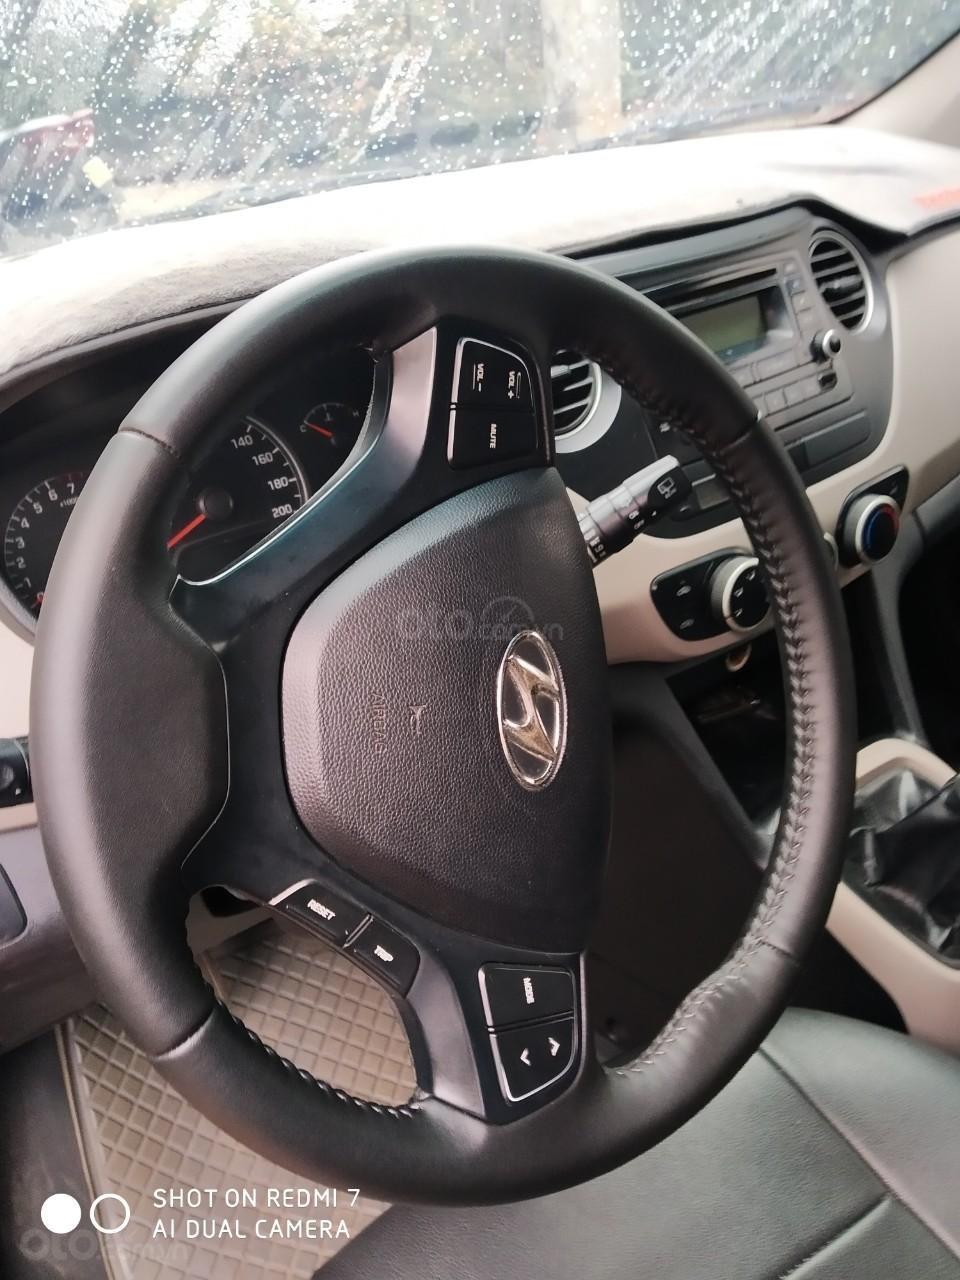 Bán xe Hyundai Grand i10 xe gần như mới 90% (4)